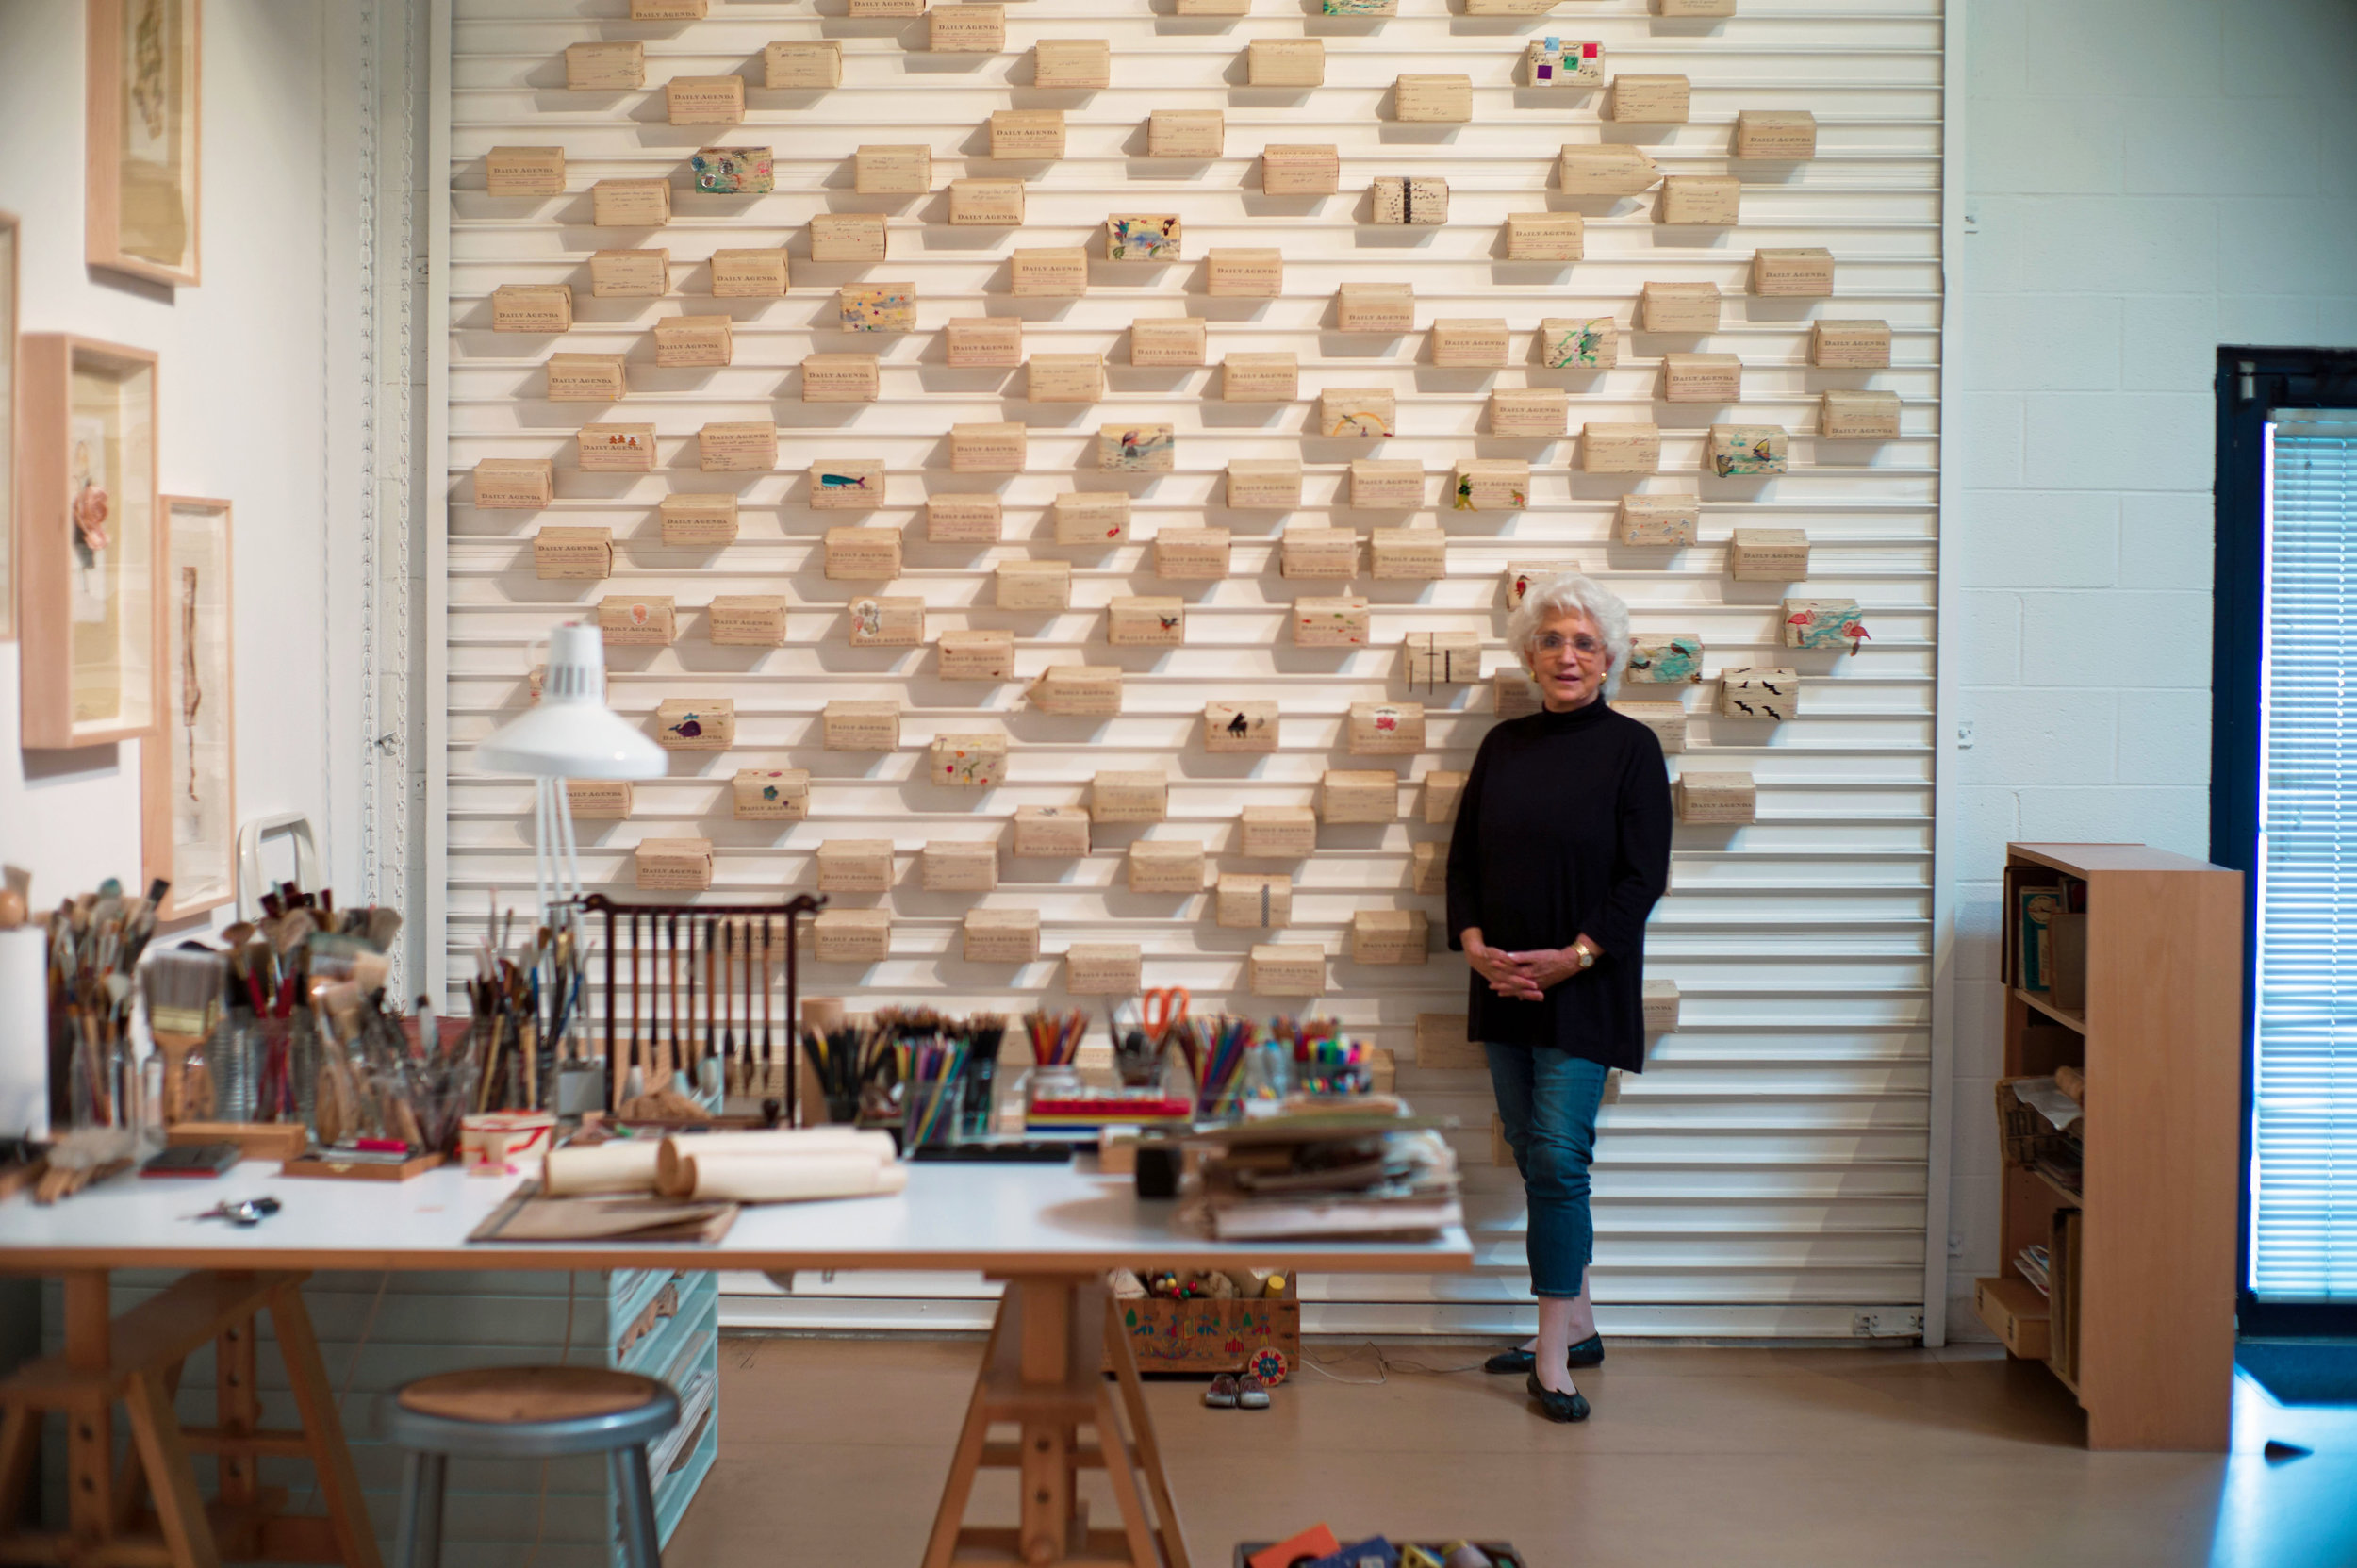 Marina Day at her art studio